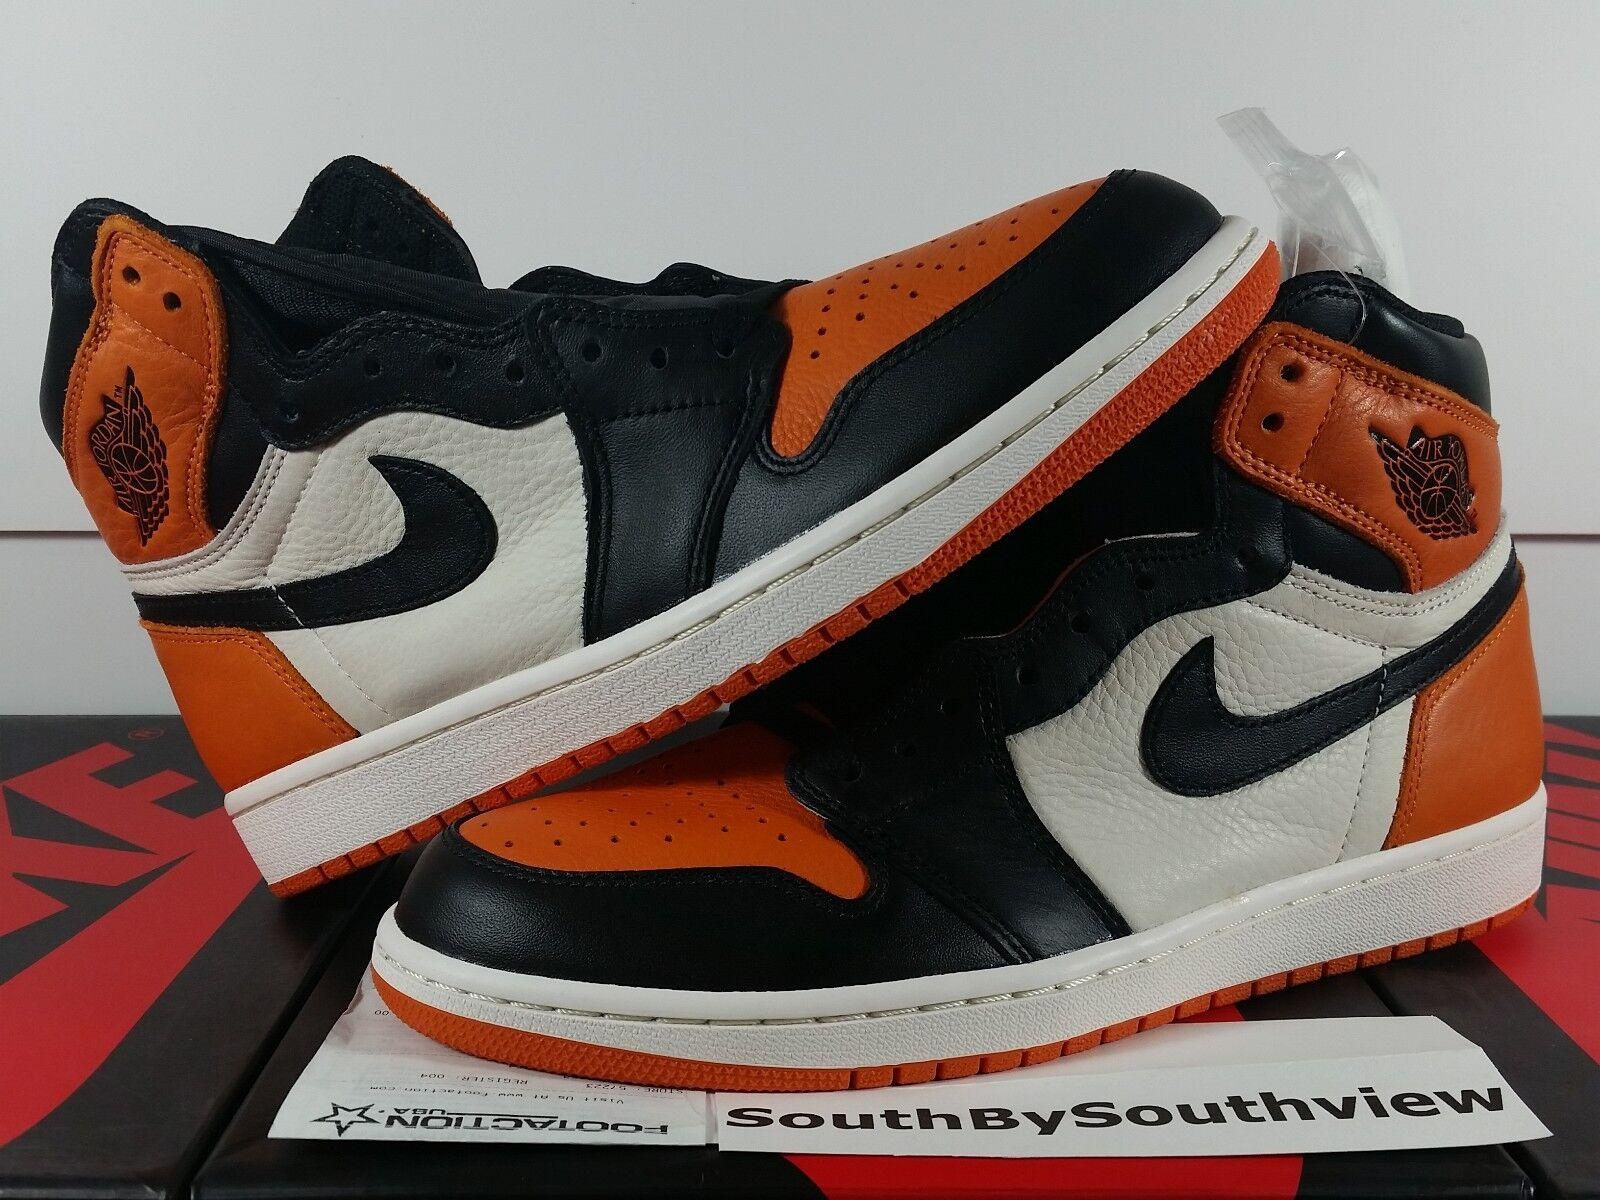 Nike Air Jordan 1 Shattered Backboard 1.0 OG I Retro orange Black 555088-005 DS